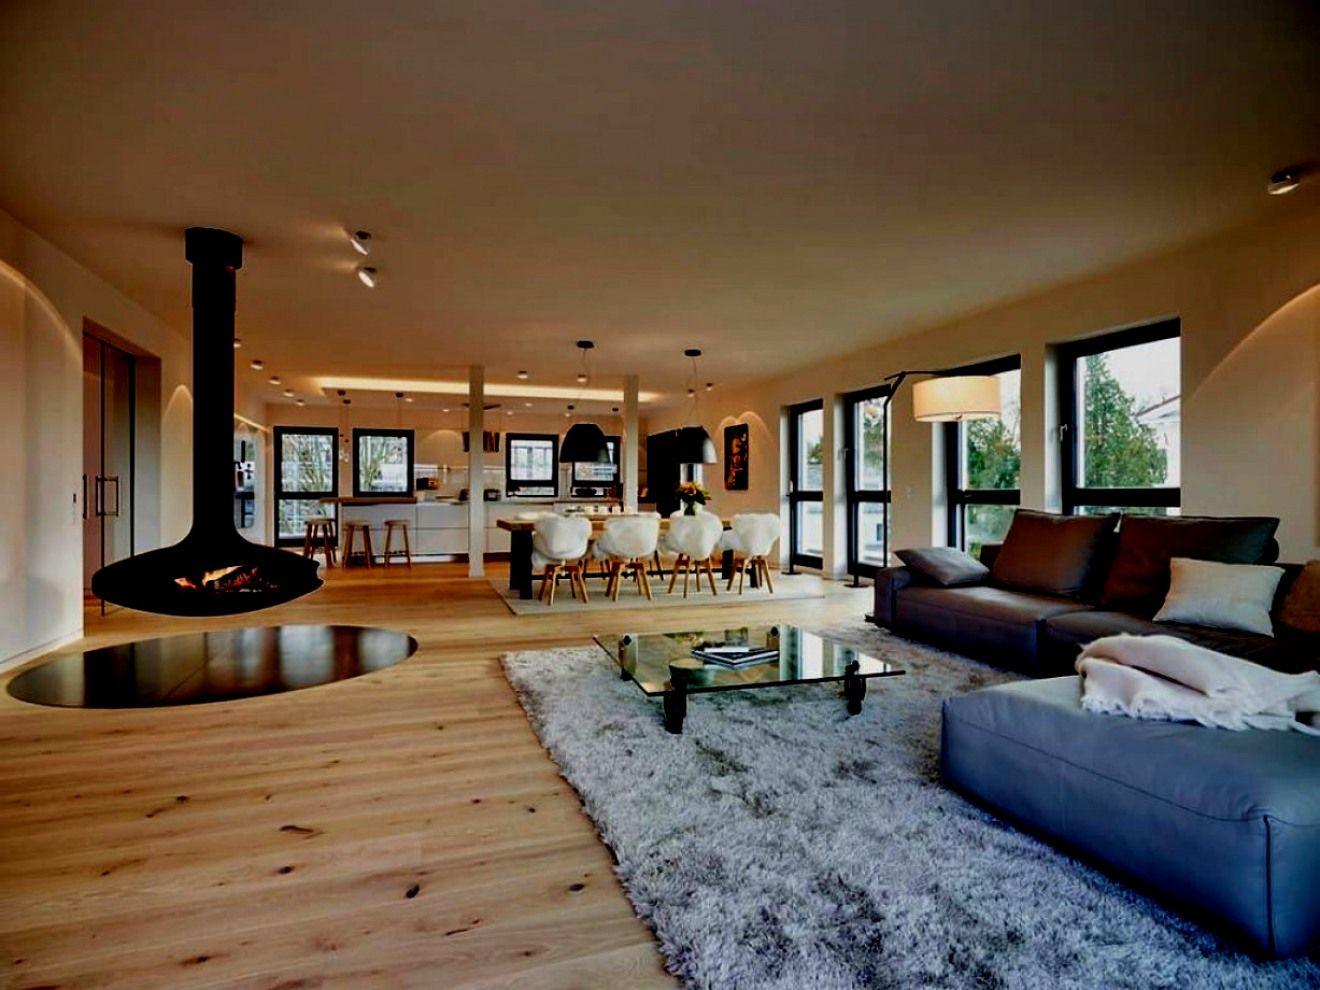 Elegant Wohnideen Wohnzimmer Modern Jaterg - Schlafzimmer ...